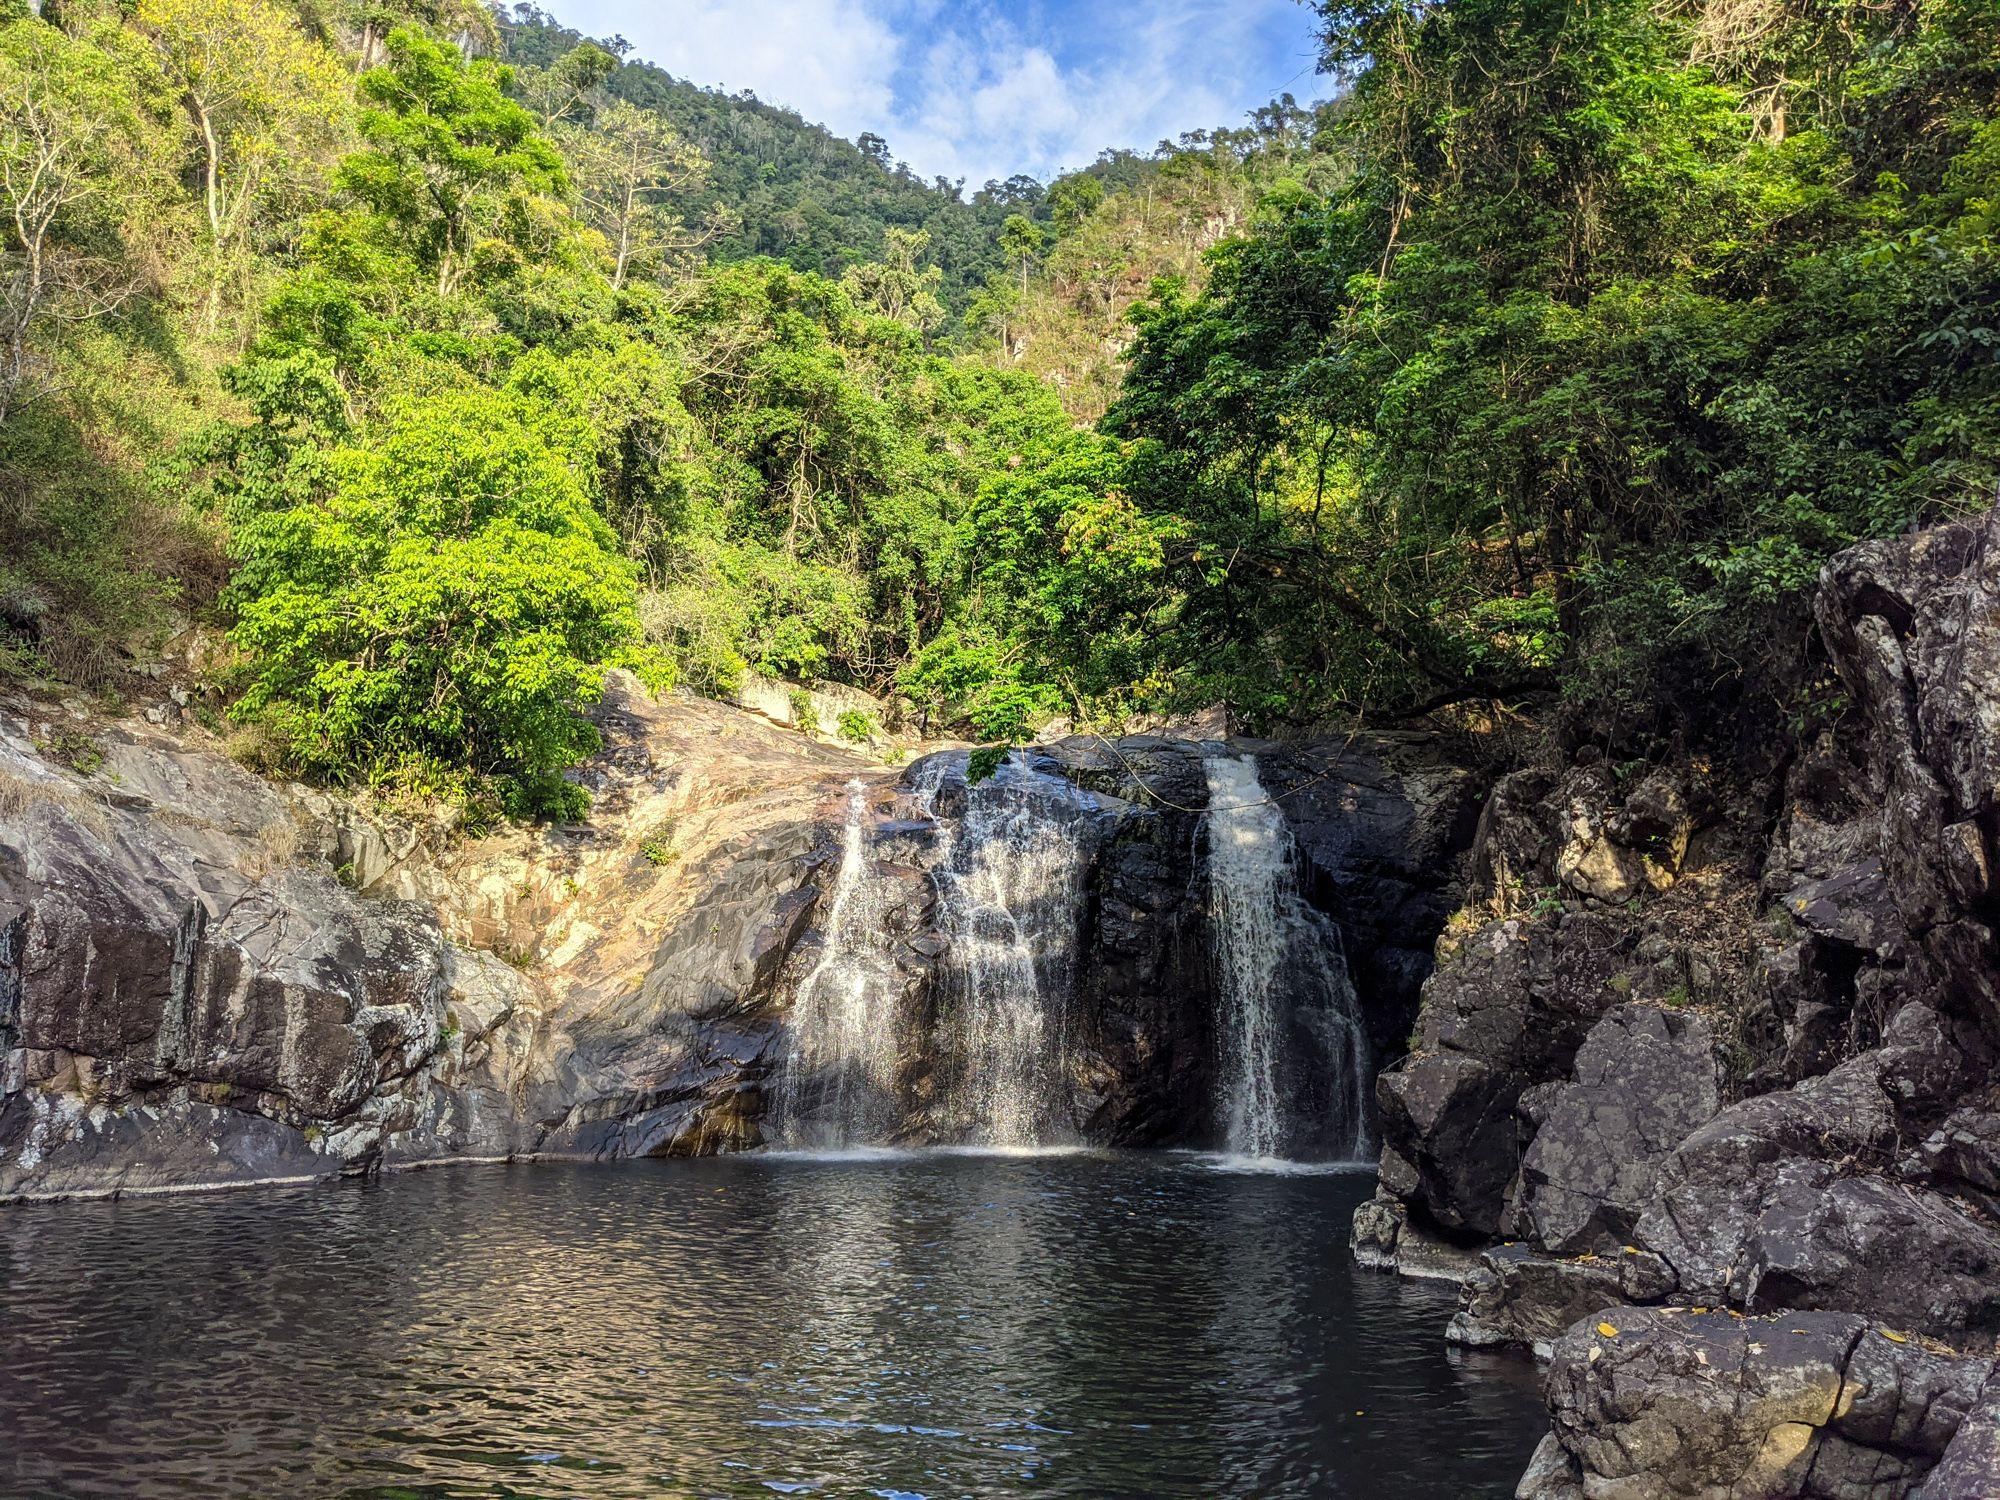 lower falls in flagstone creek